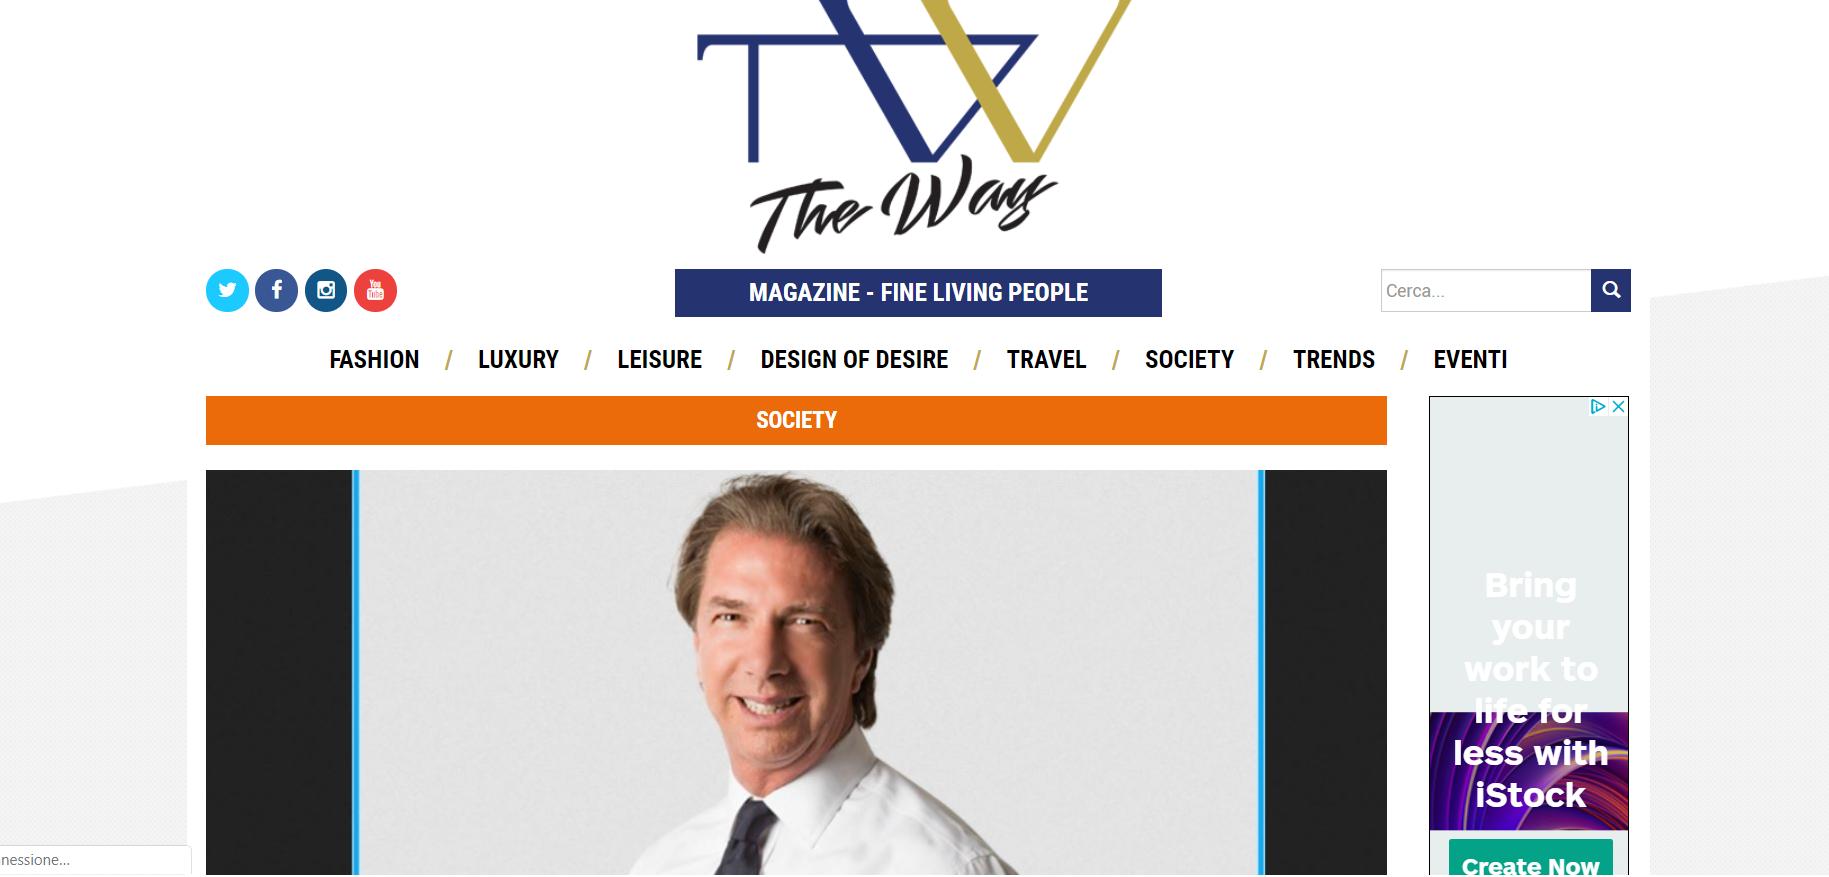 La formazione è la migliore innovazione – Intervista The Way Magazine